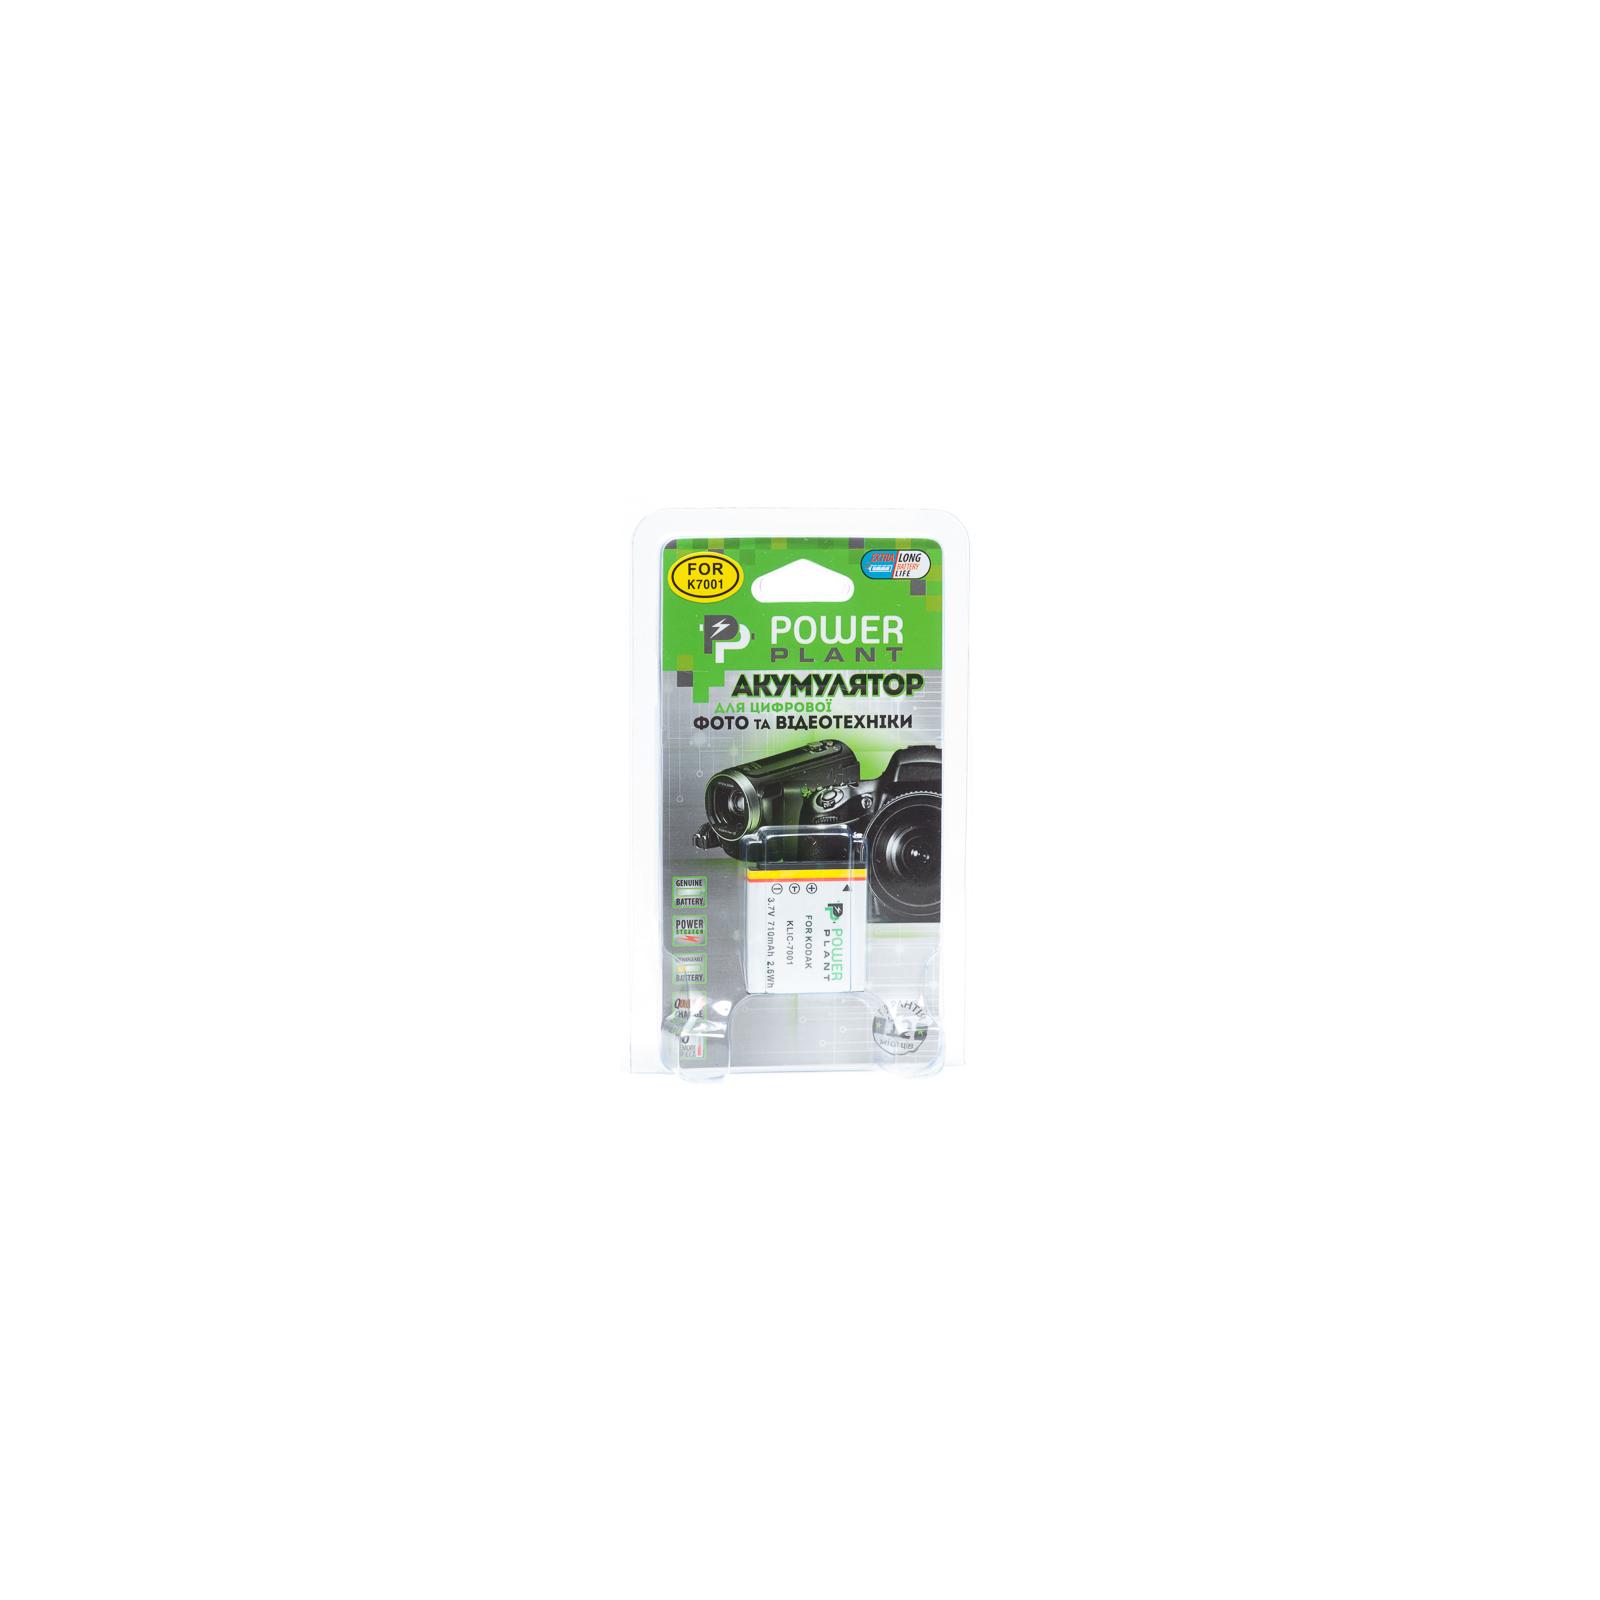 Аккумулятор к фото/видео PowerPlant Kodak KLIC-7001 (DV00DV1153) изображение 3